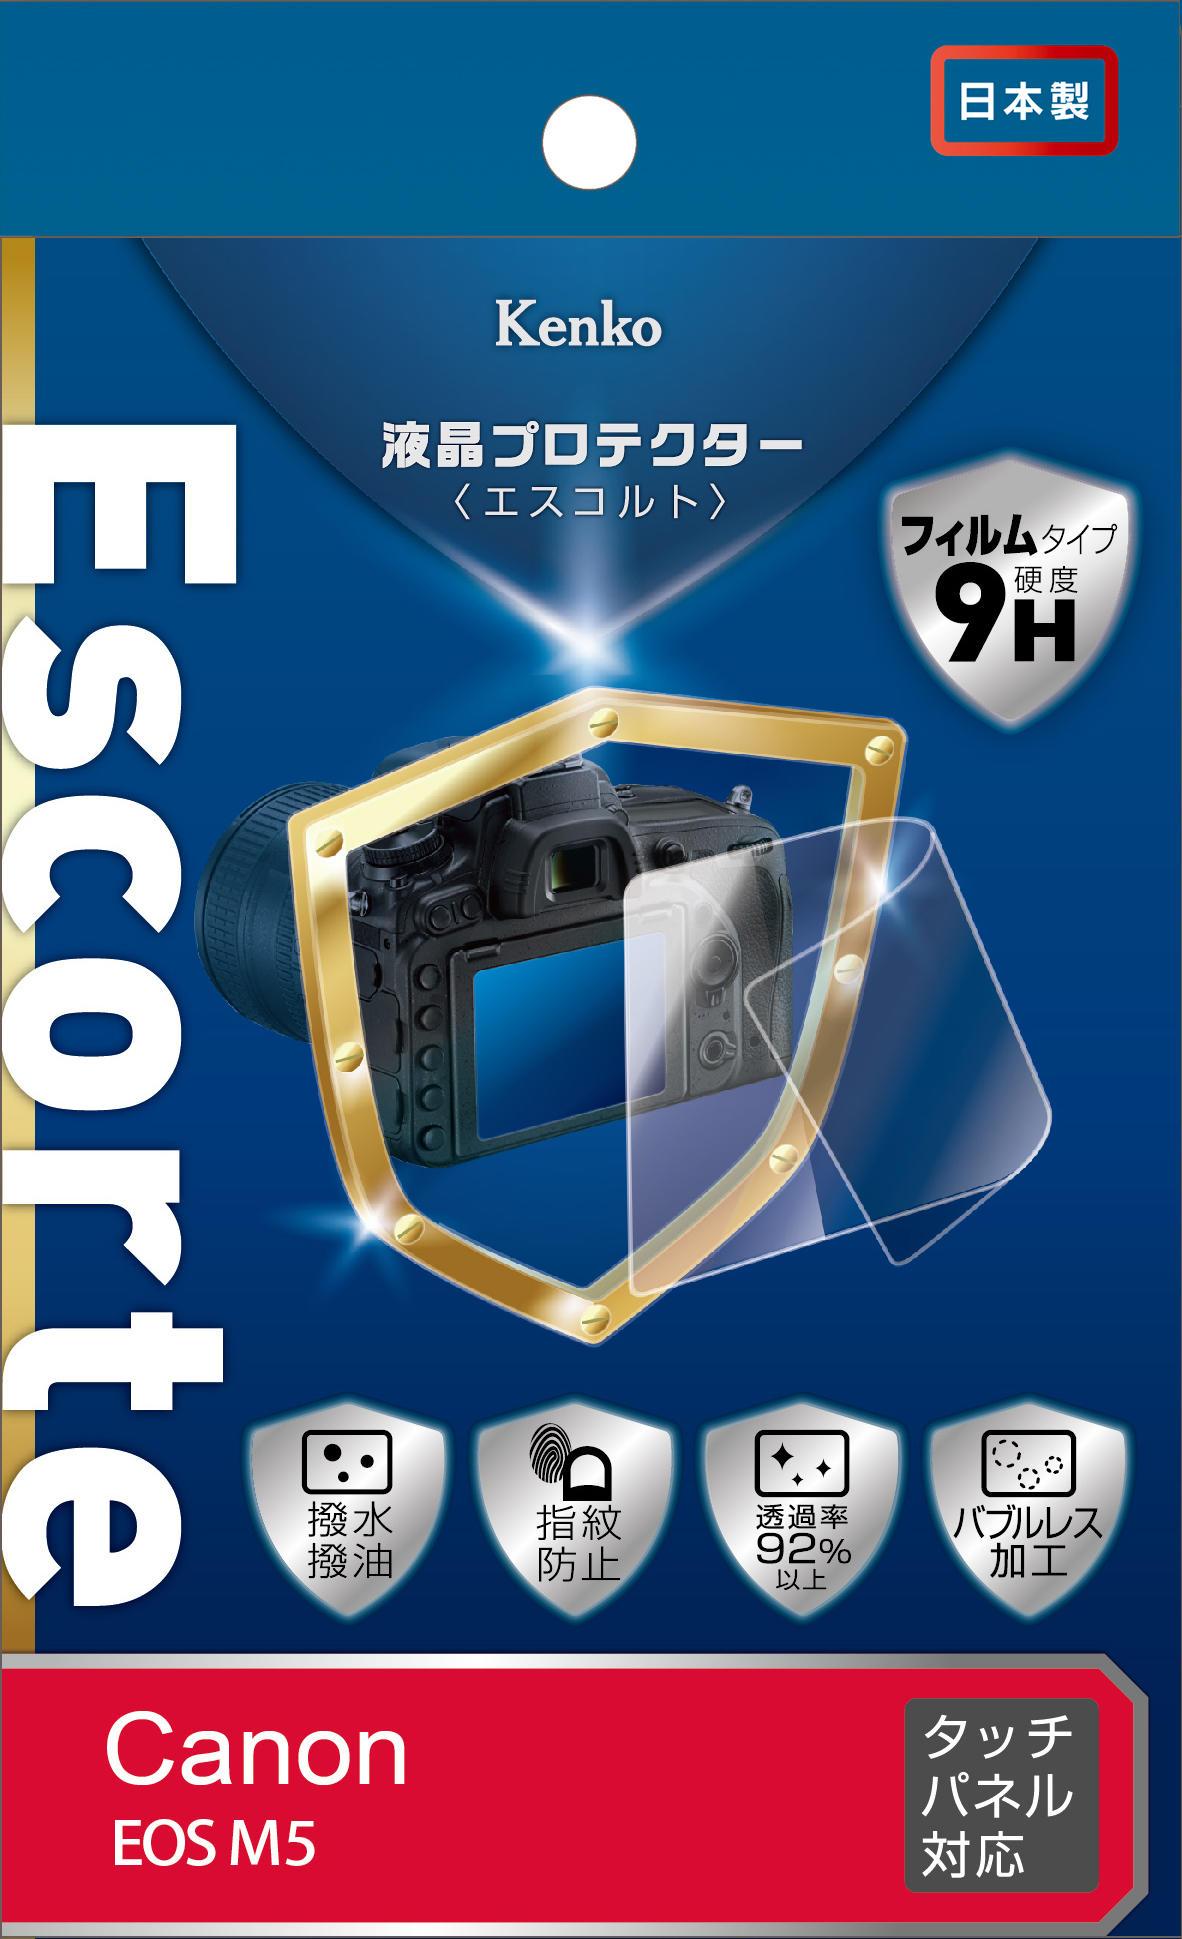 http://www.kenko-tokina.co.jp/imaging/eq/mt-images/4961607717820.jpg